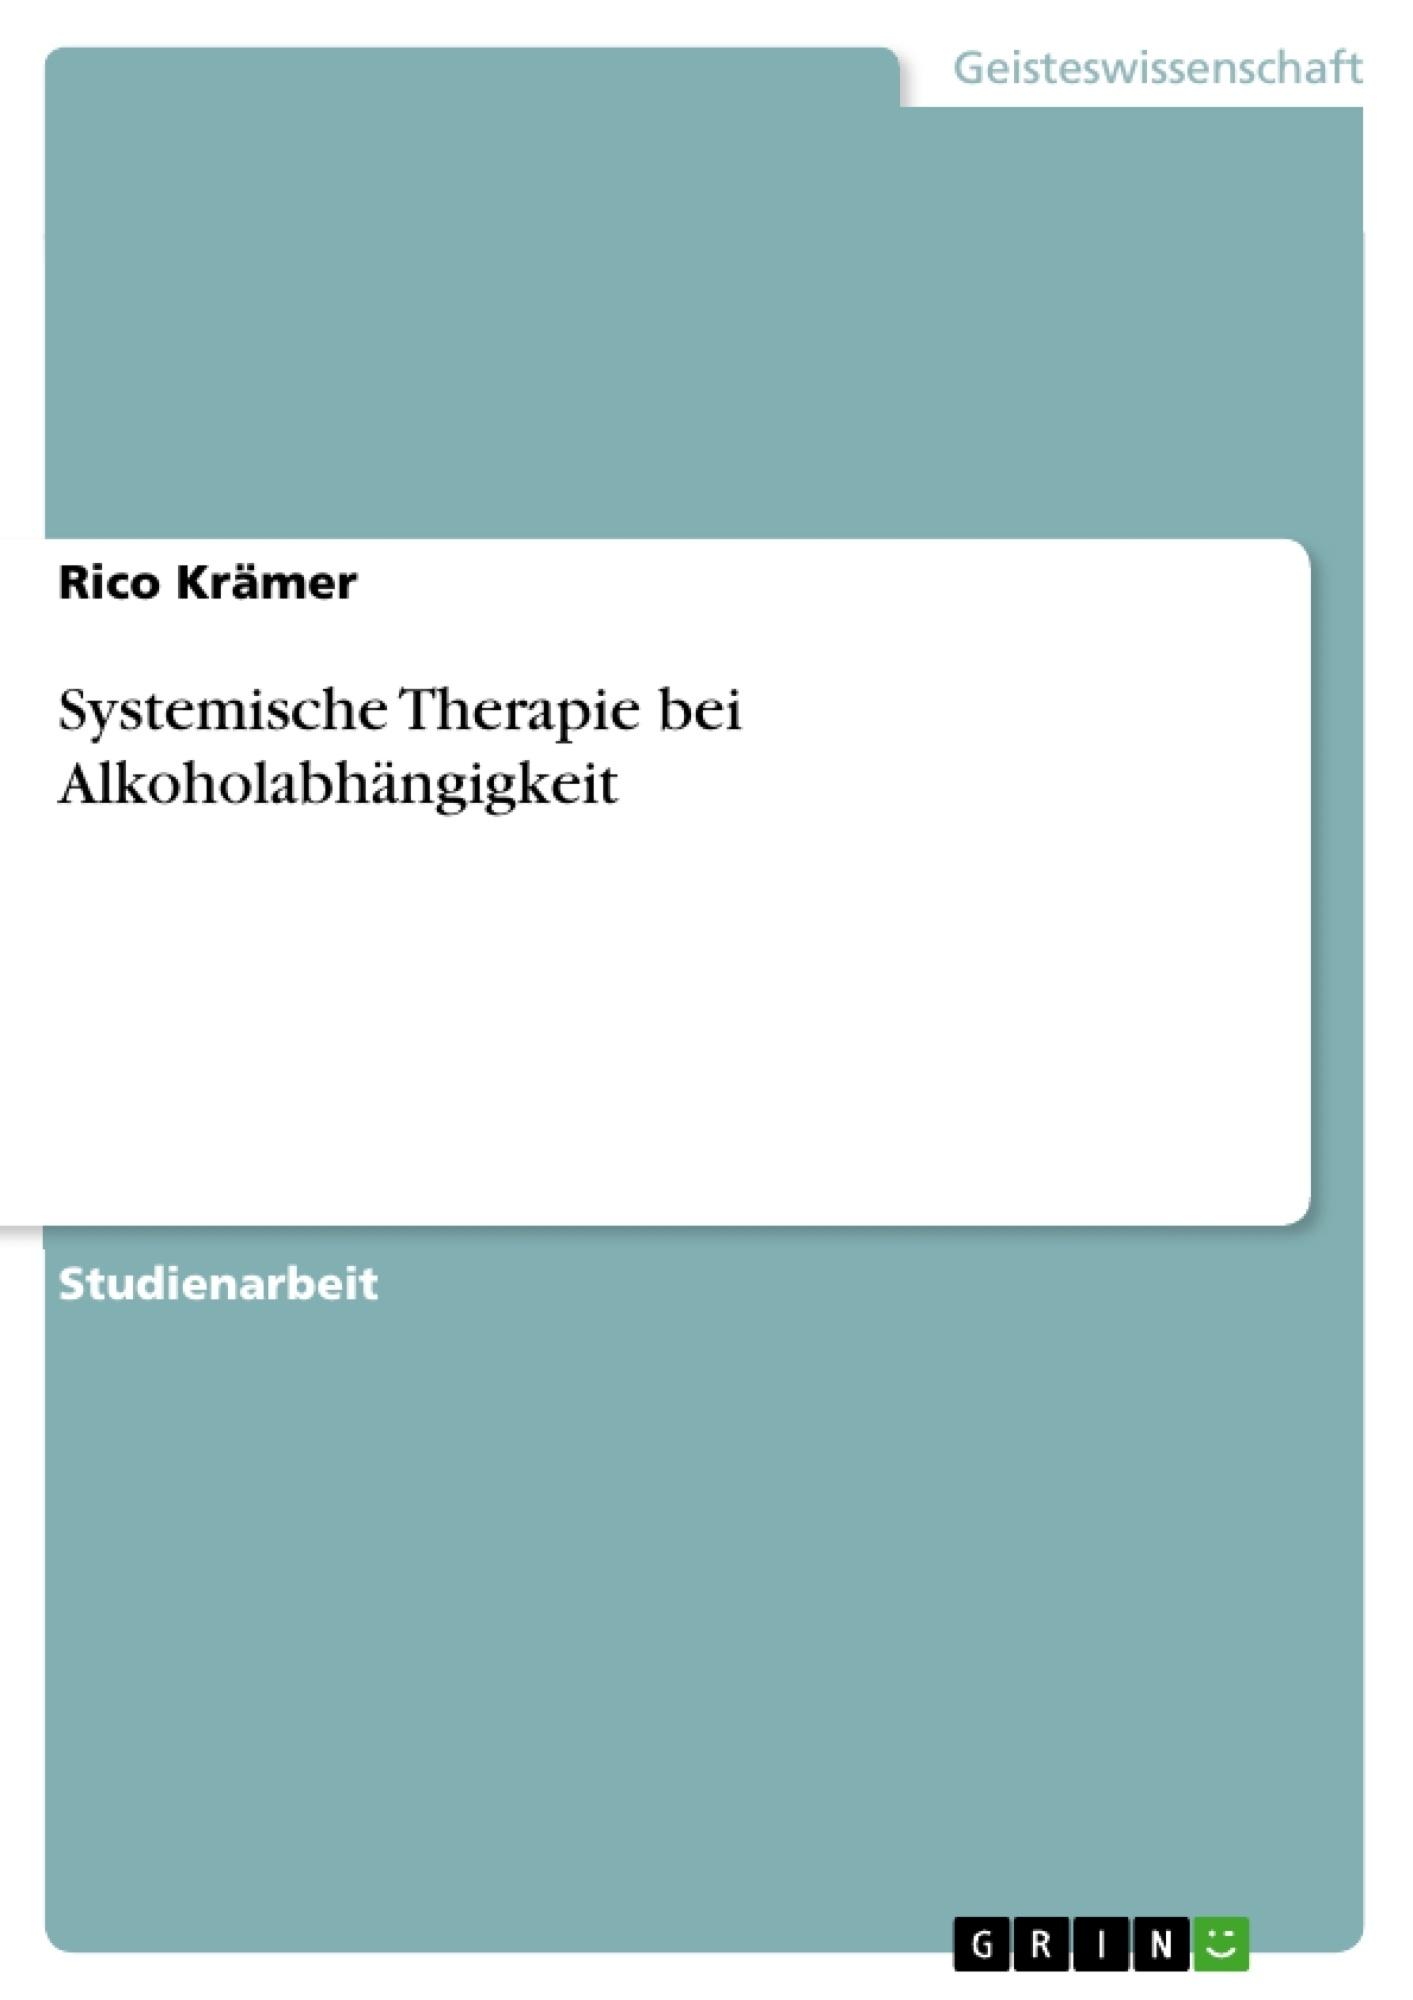 Titel: Systemische Therapie bei Alkoholabhängigkeit